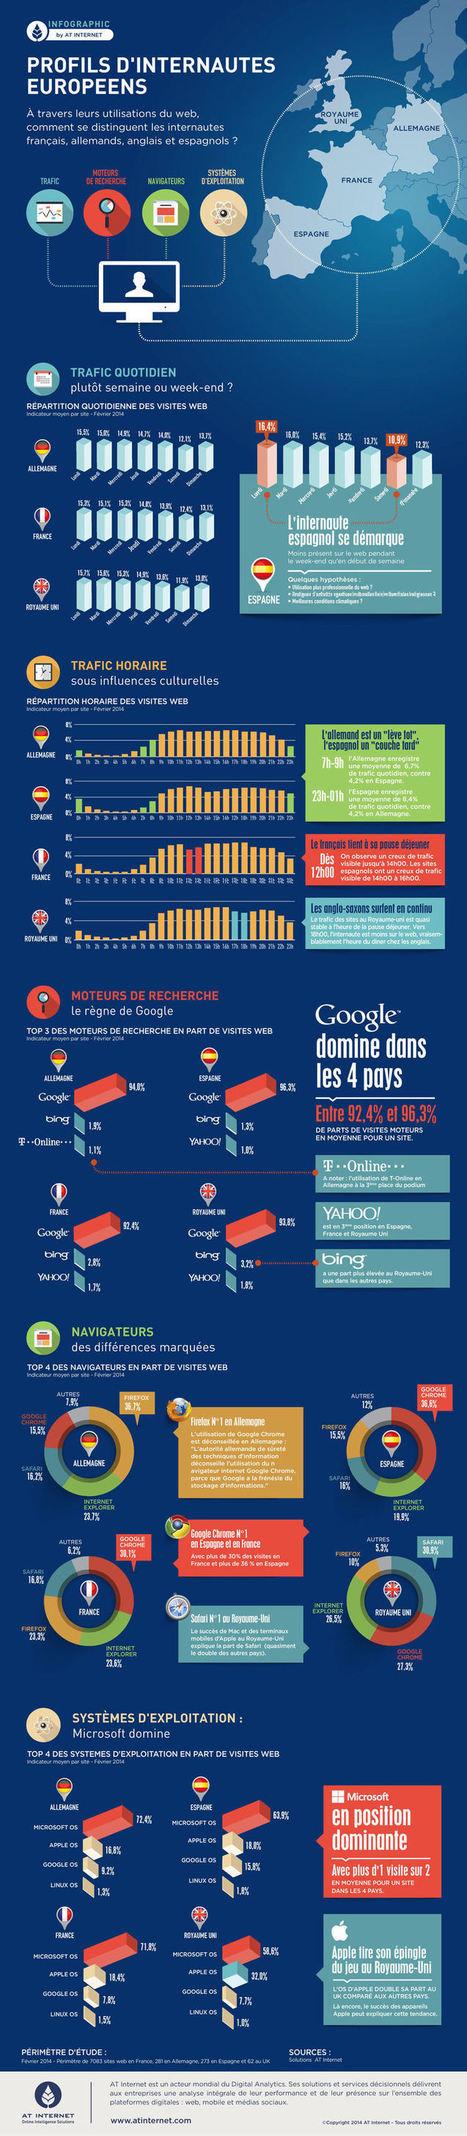 [Infographie] Pays par pays, quels sont les profils des internautes européens ? | Actualités Web et Réseaux Sociaux | Scoop.it